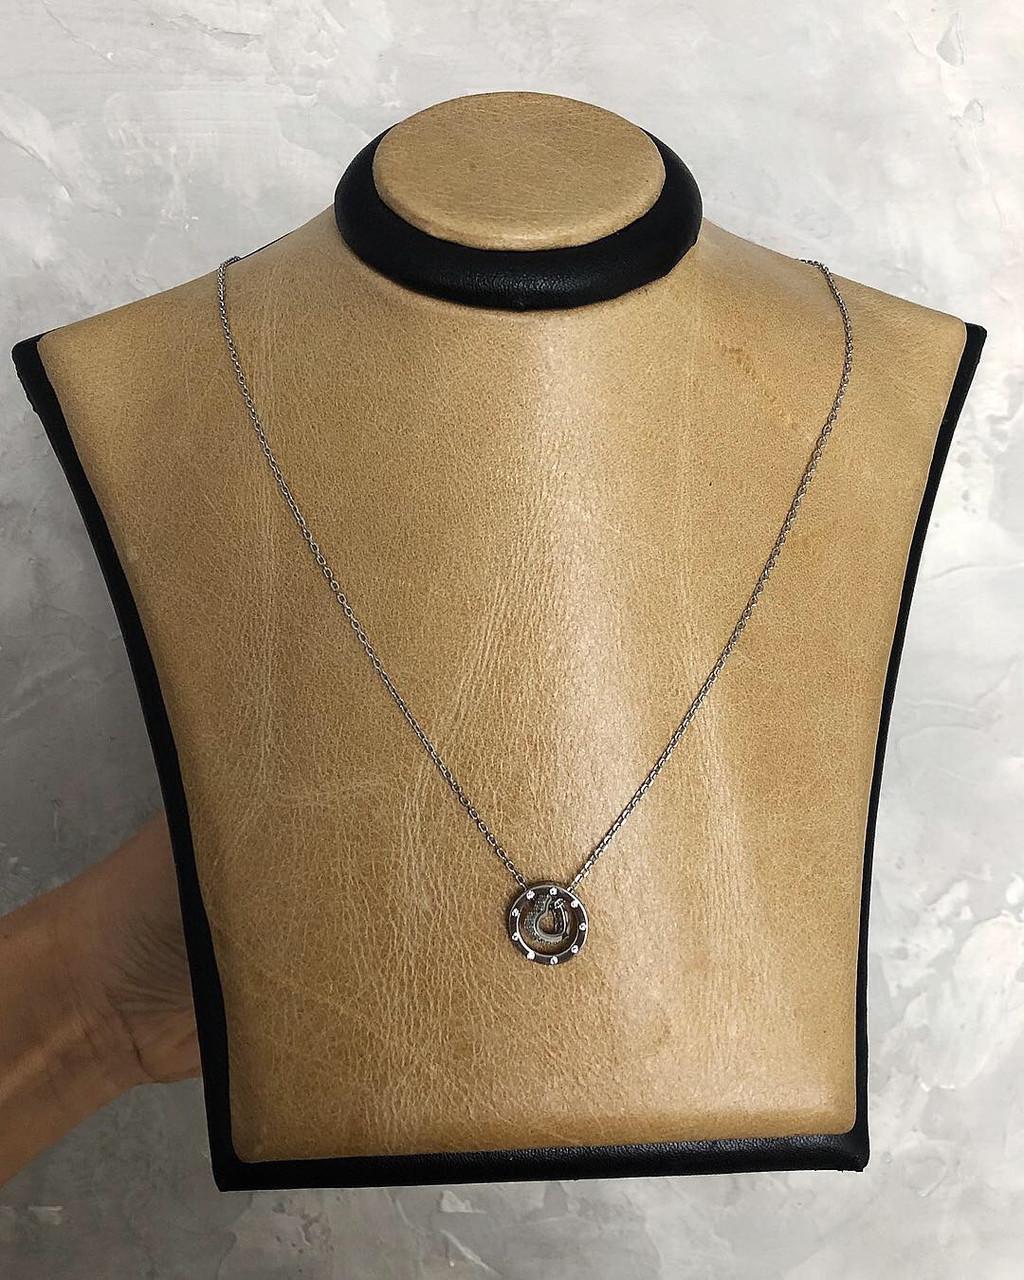 Кулон из серебра двойной с сердечком покрыт родием